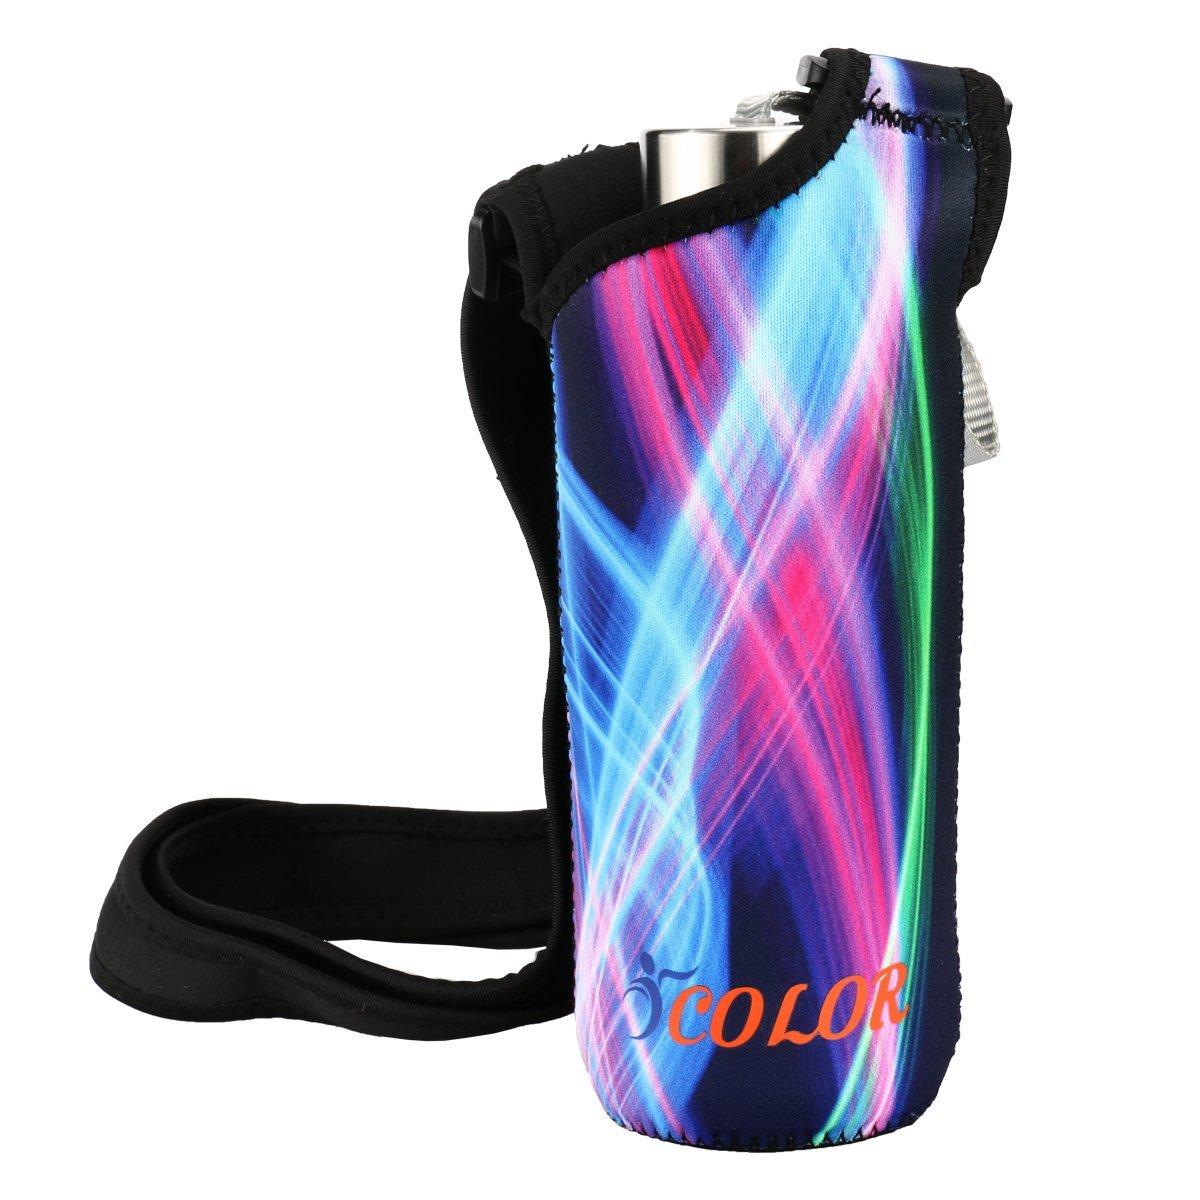 iColor マットコーティング ペット携帯ボトルホルダー